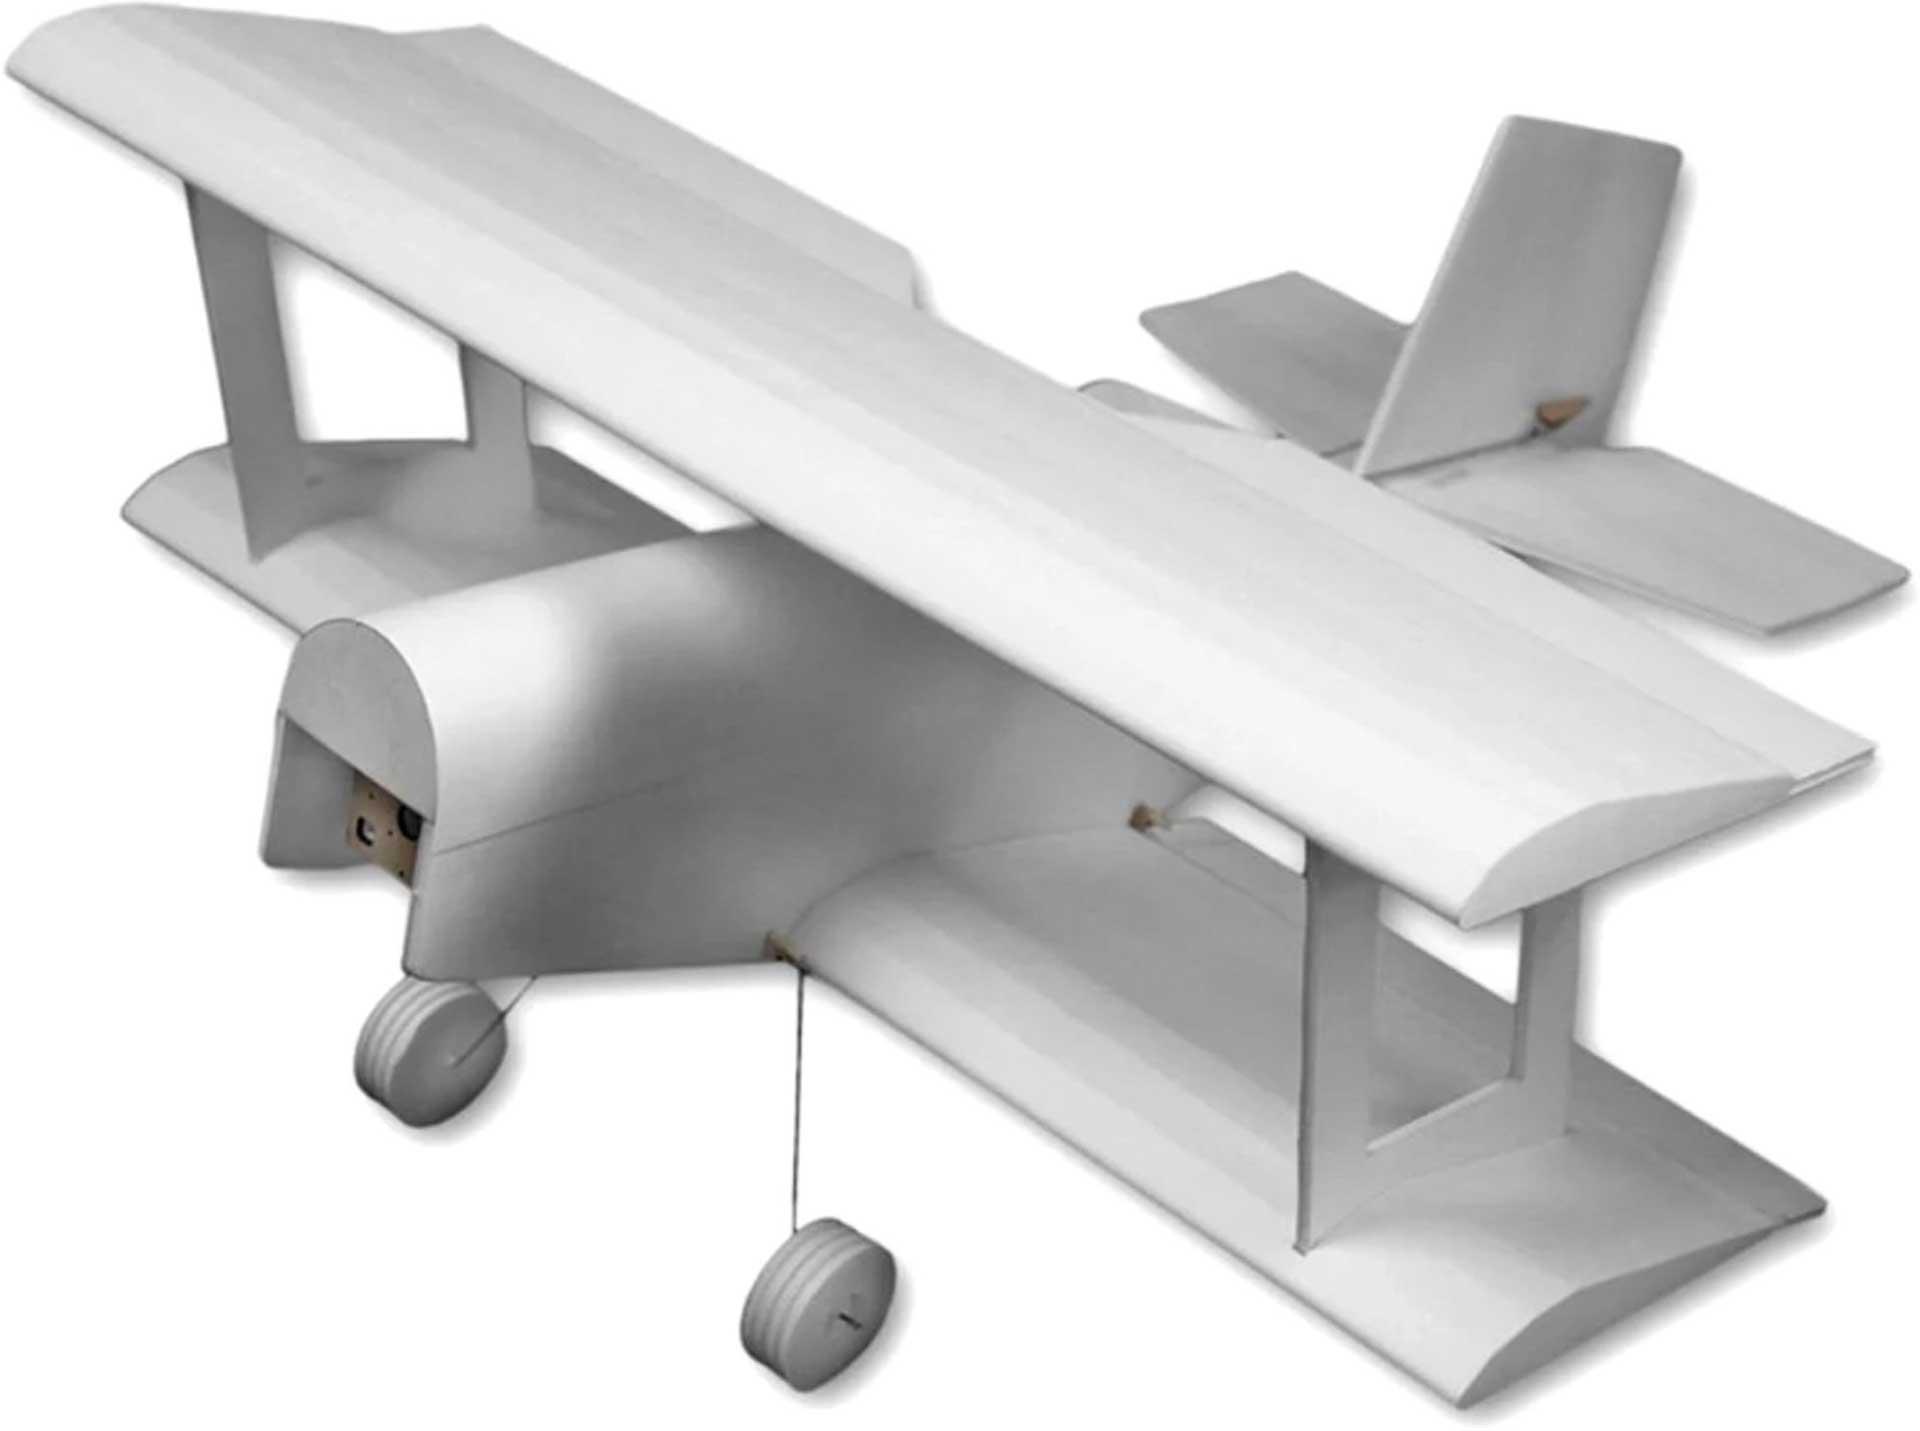 FLITE TEST Baby Blender Speed Build Kit Maker Foam 610mm